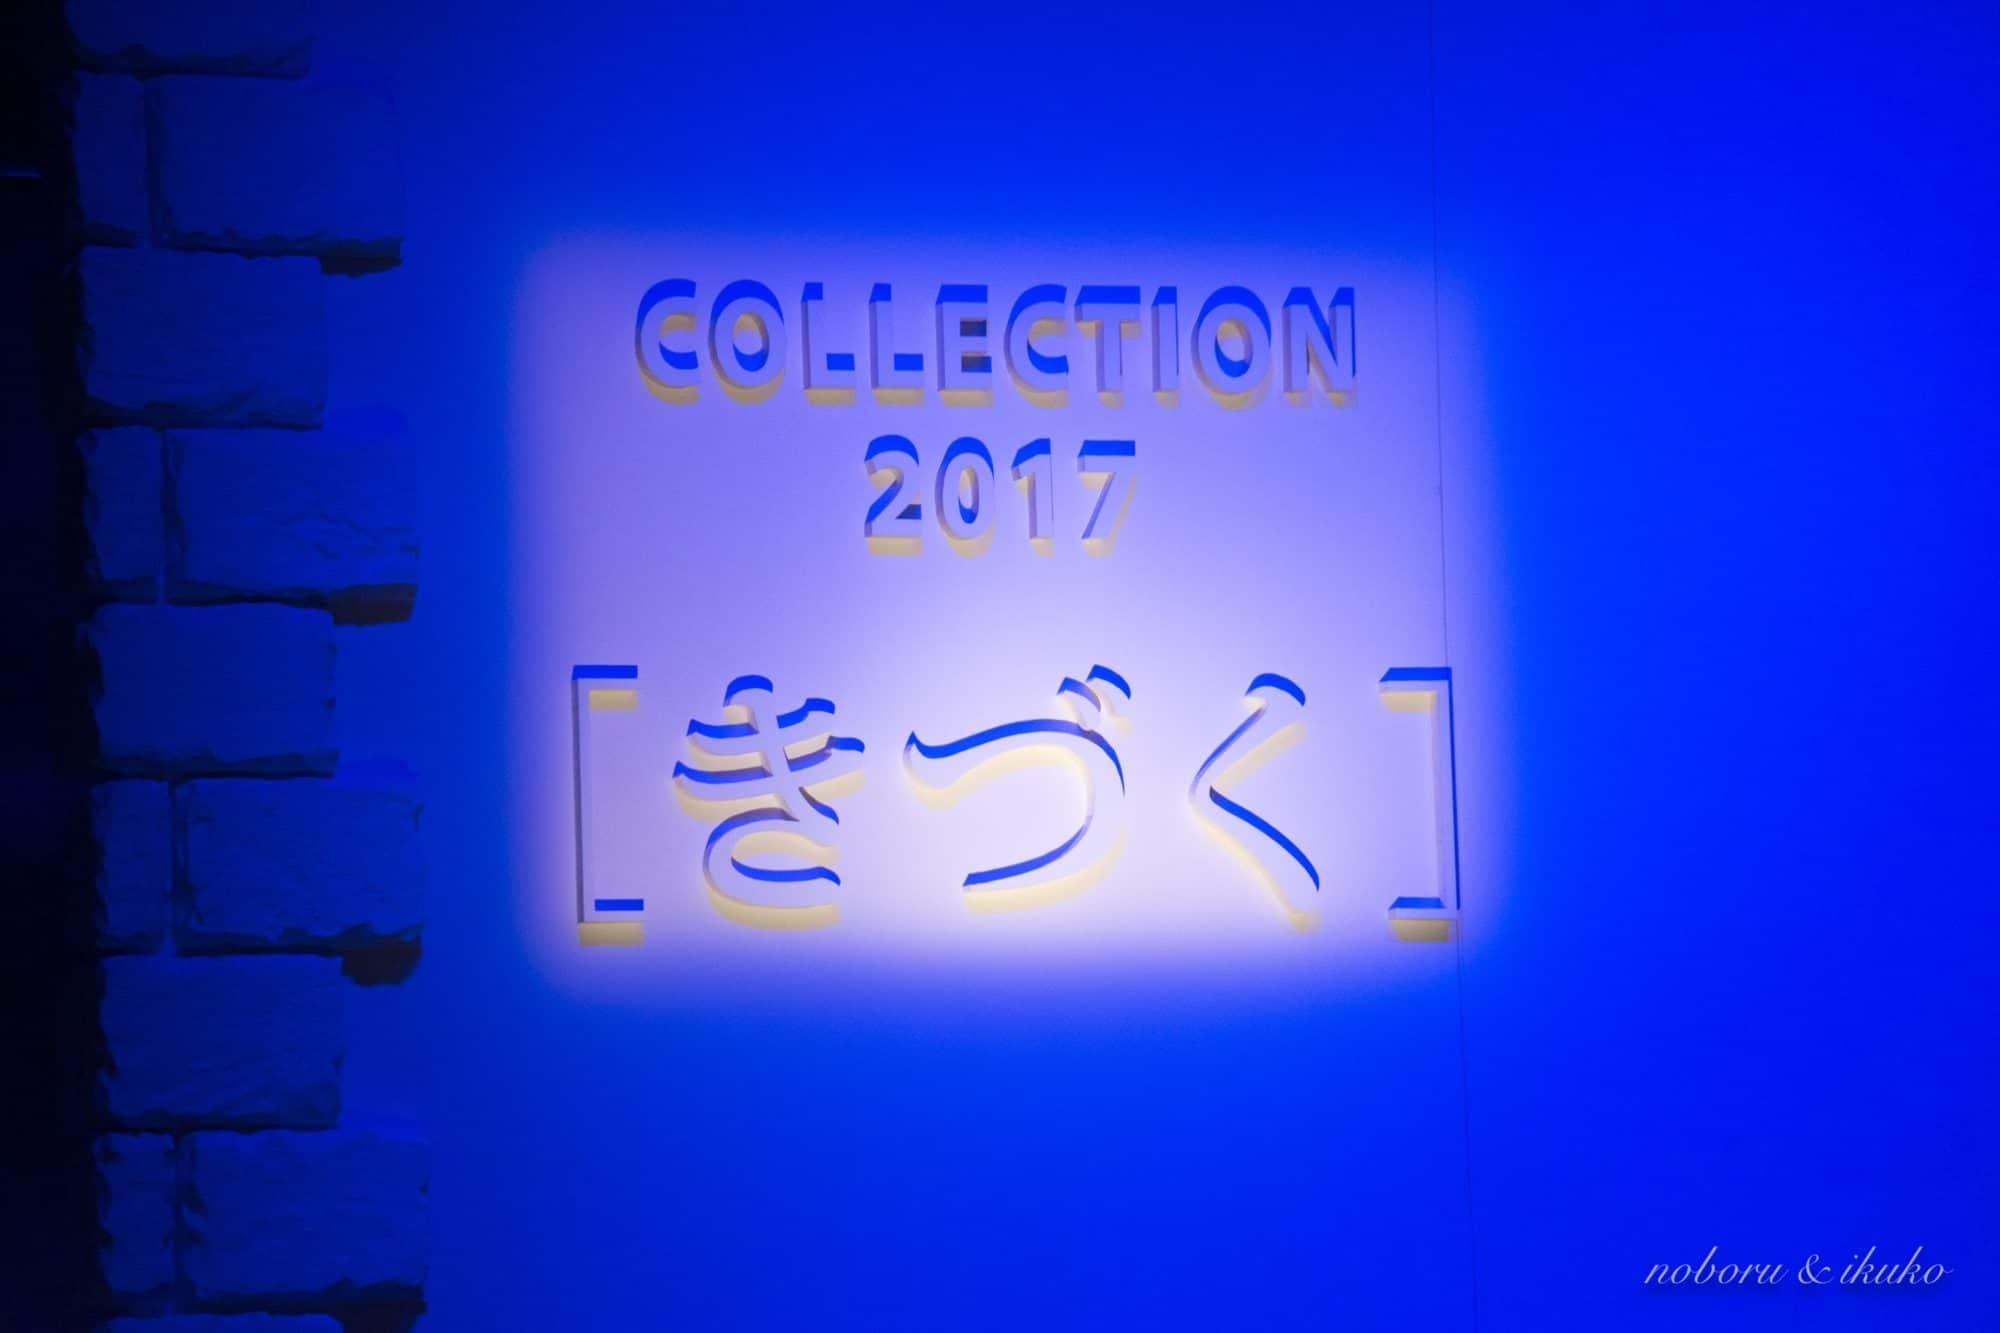 宮島学園創立80周年記念ファッションショー・コレクション2017「きづく」に感動!